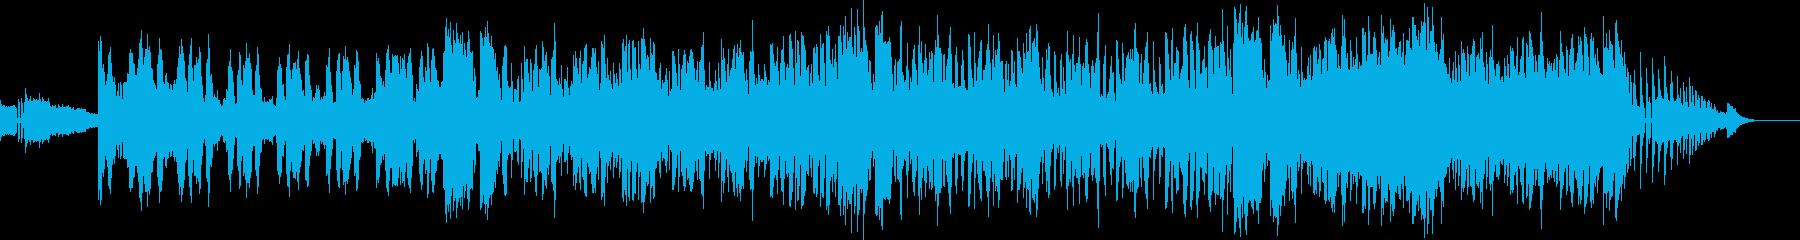 サウス系HipHopの再生済みの波形